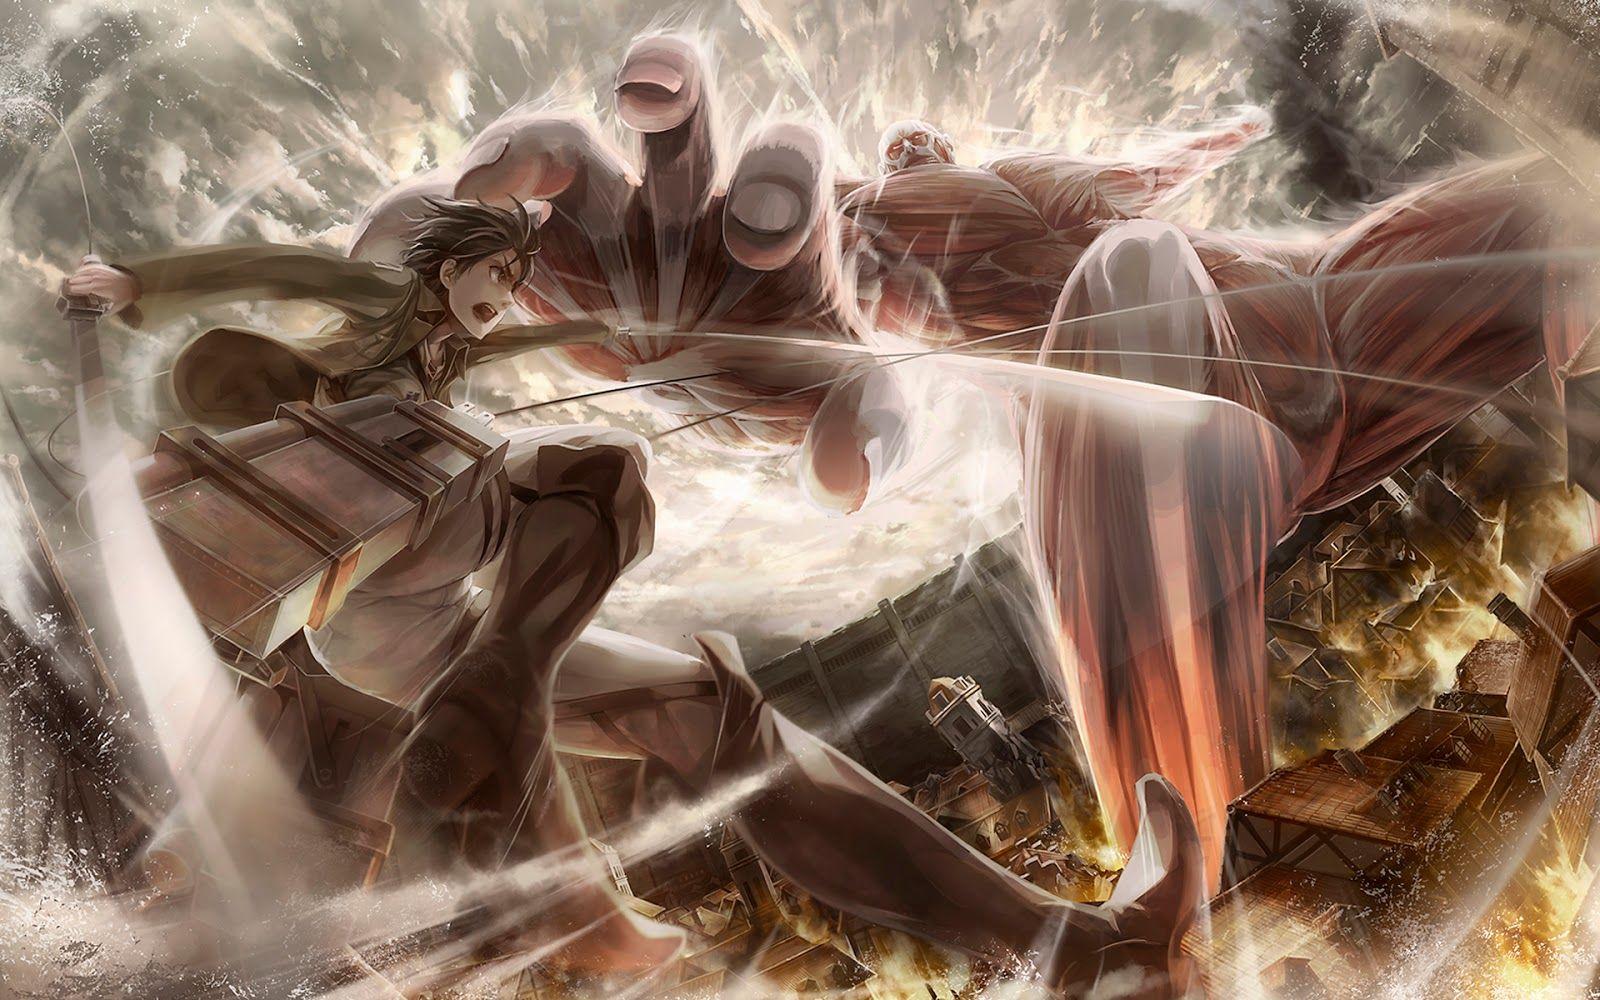 Eren Shingekinokyojin Attackontitan Shingeki Kyojin Attack Titan Snk Aot Ataquedostitas Anime Manga Fanart Attack On Titan Titans Eren Jaeger